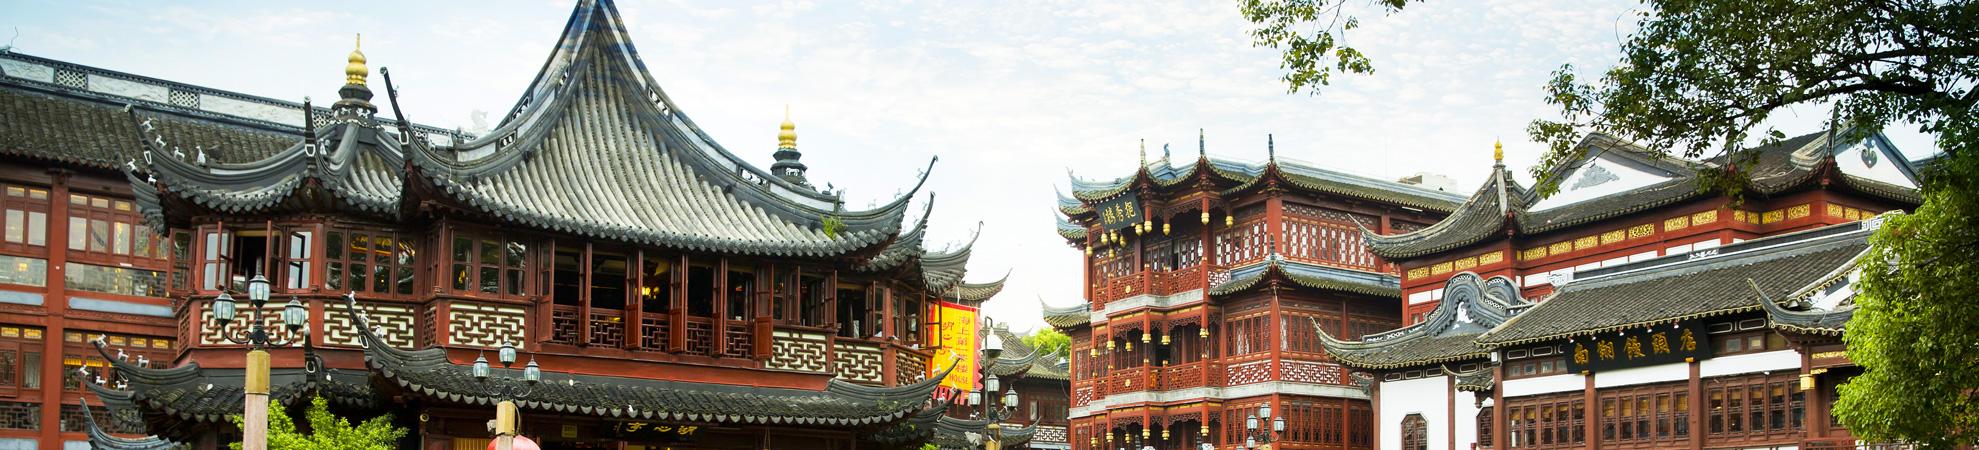 Danger en Chine, comment faut-il se préparer ?